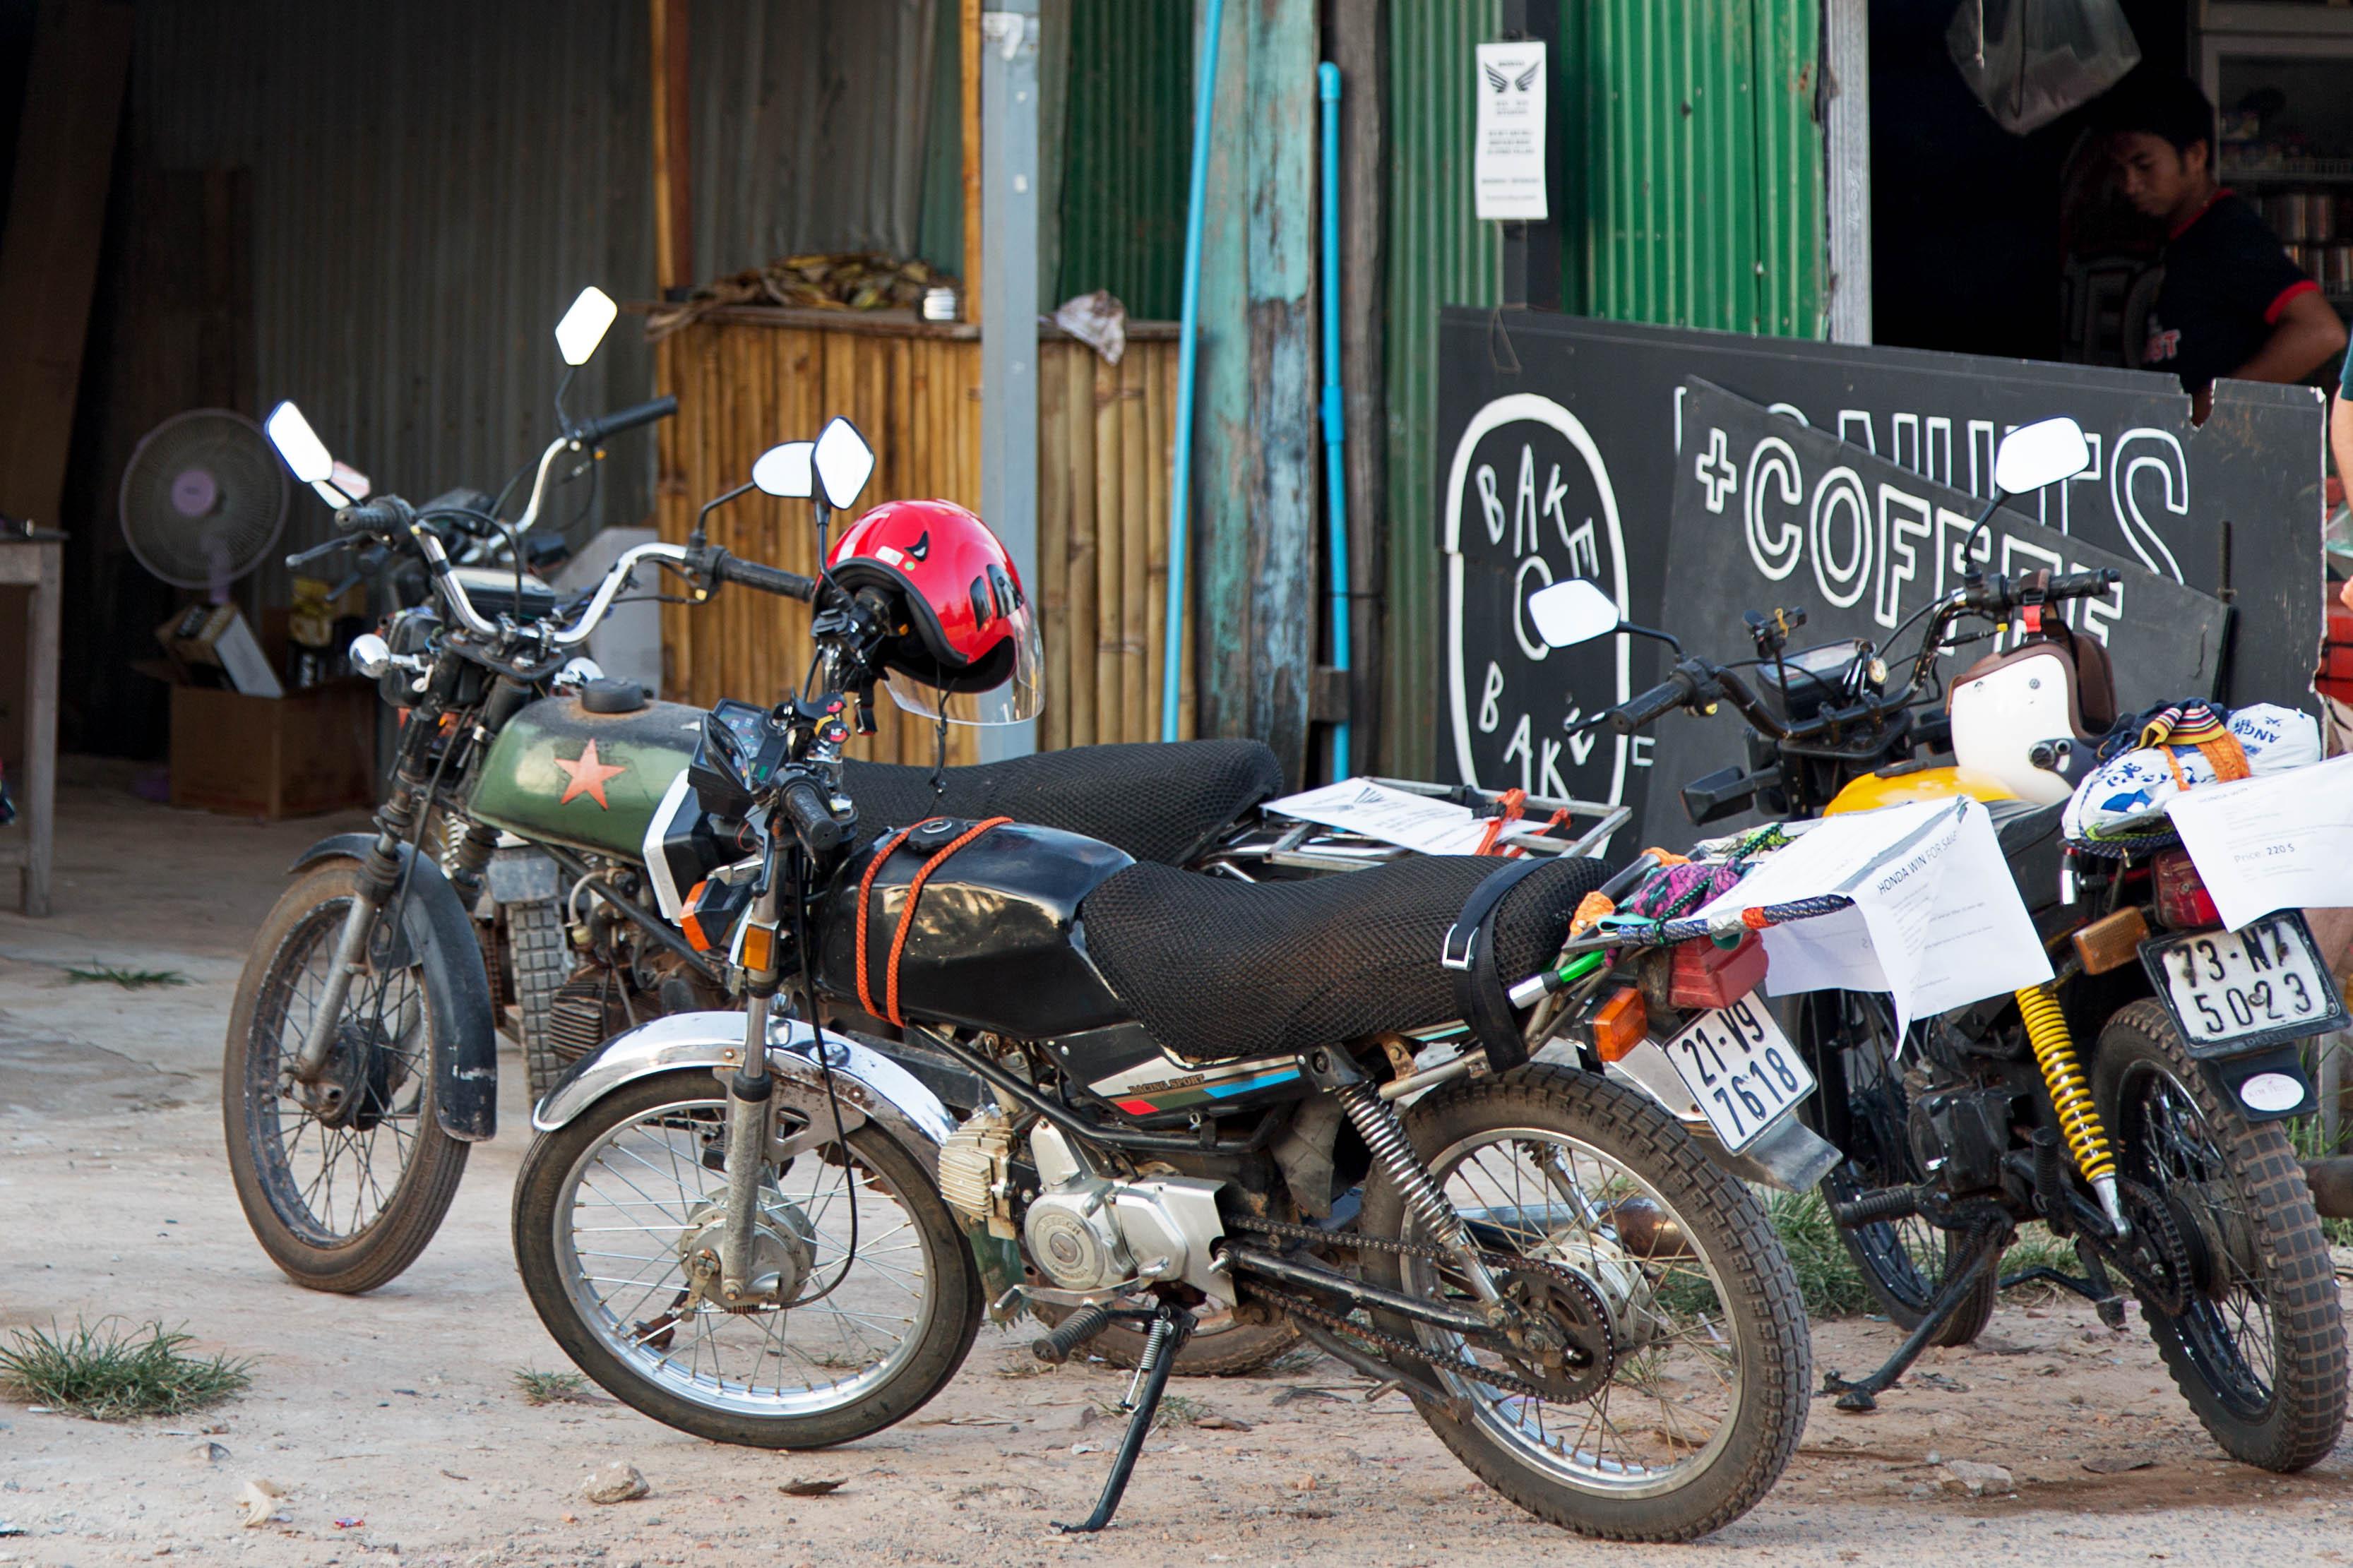 dürfen mopeds am straßenrand parken